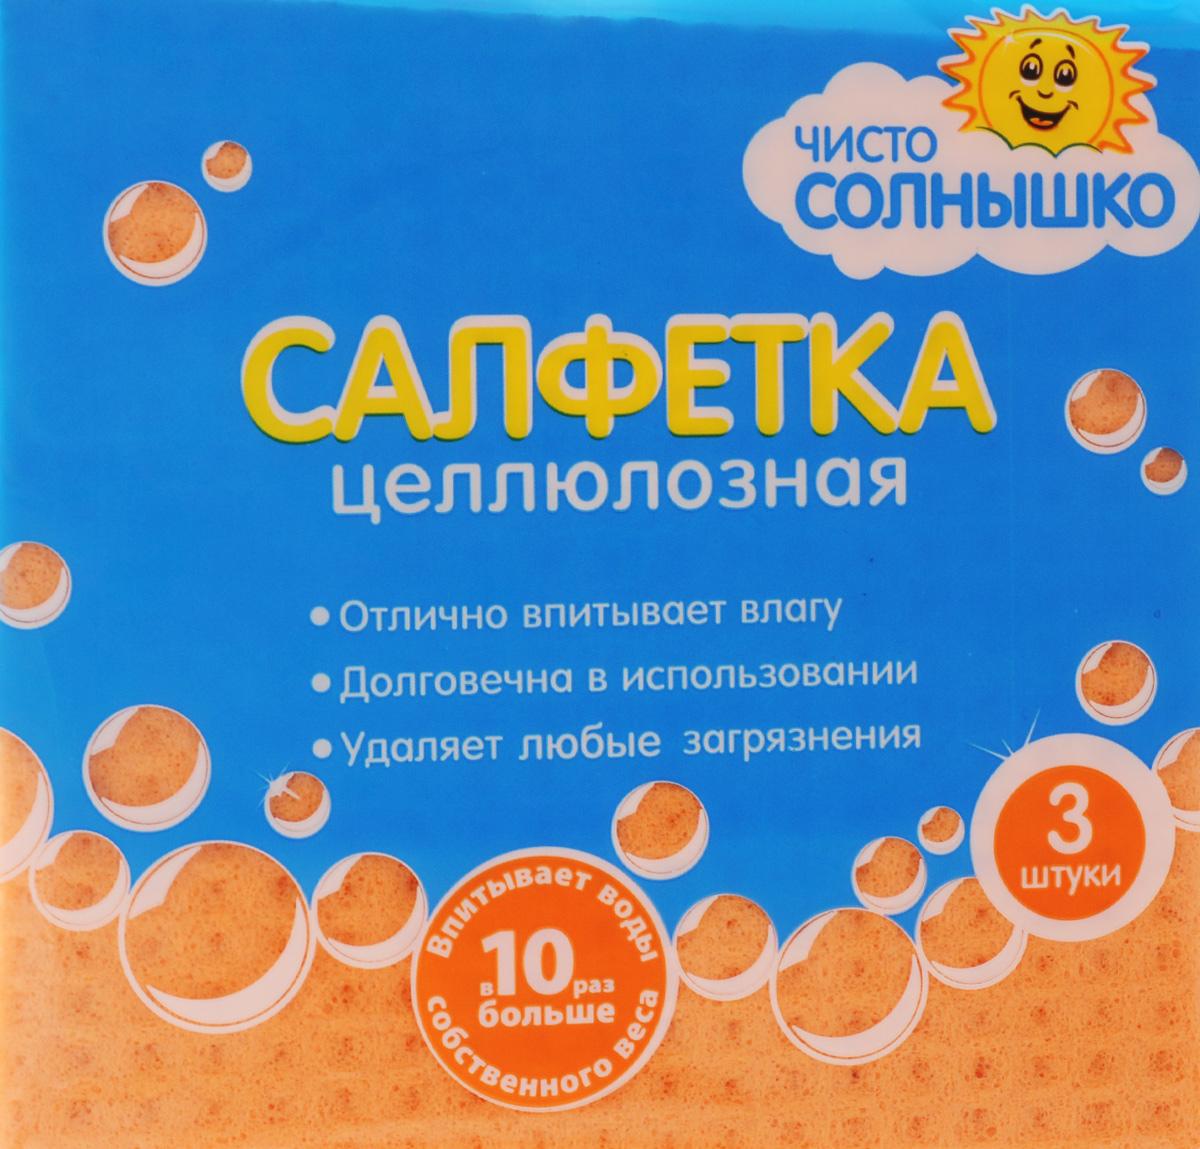 Салфетка Чисто Солнышко из целлюлозы, 14 x 15 см, 3 штVCA-00Салфетки для уборки Чисто Солнышко выполнены из целлюлозы. Они превосходно впитывают влагув10 раз больше собственного веса. Во влажном состоянии изделия мягкие и эластичные, при высыхании твердеют, что препятствует размножению бактерий и возникновению неприятных запахов.Рекомендации по применению:Перед использованием намочить салфетку в воде и отжать.Для продления срока службы после применения прополоскать в теплой воде.Хранить в сухом месте, вдали отопительных приборов и агрессивных сред.Беречь от воздействия прямого солнечного света.